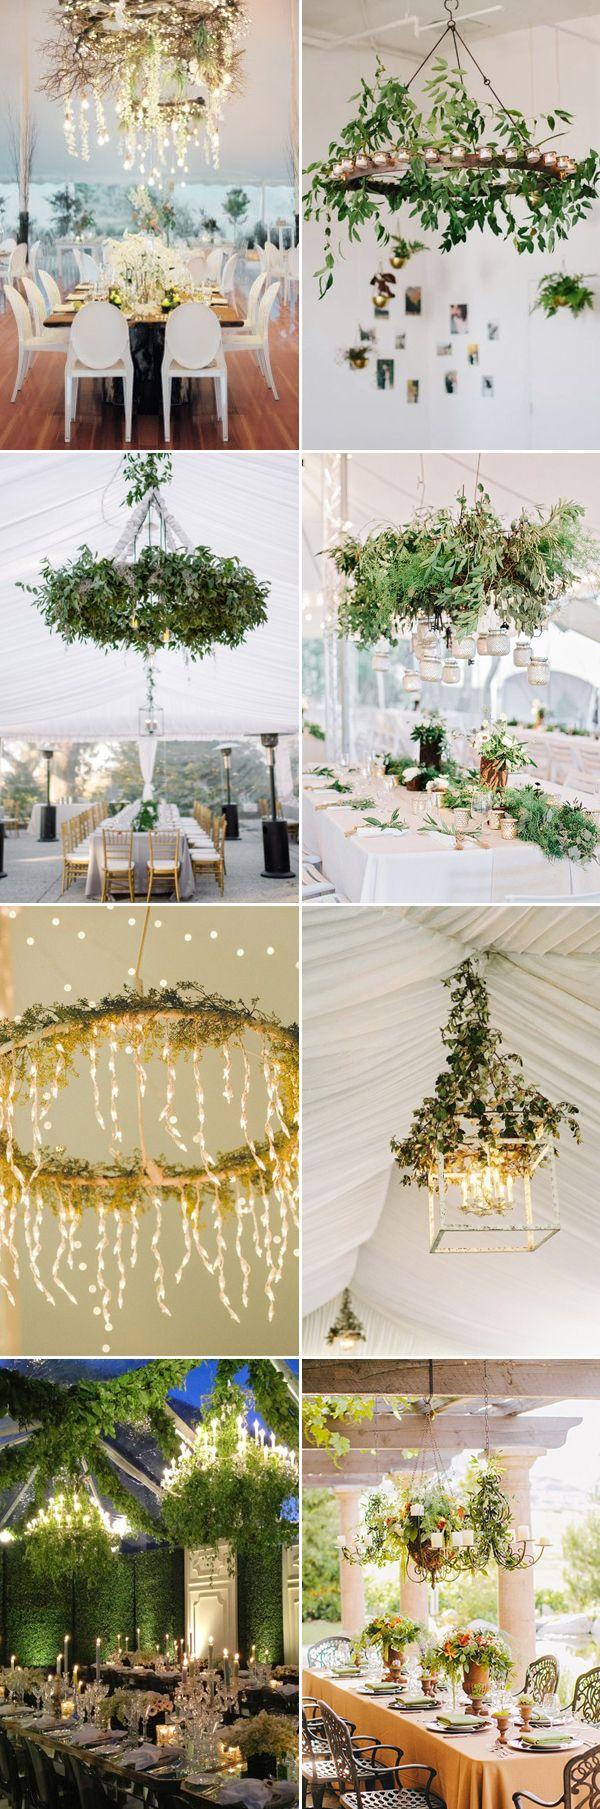 25 Romantic Wedding Chandelier Ideas | http://www.deerpearlflowers.com/romantic-wedding-chandelier-ideas/